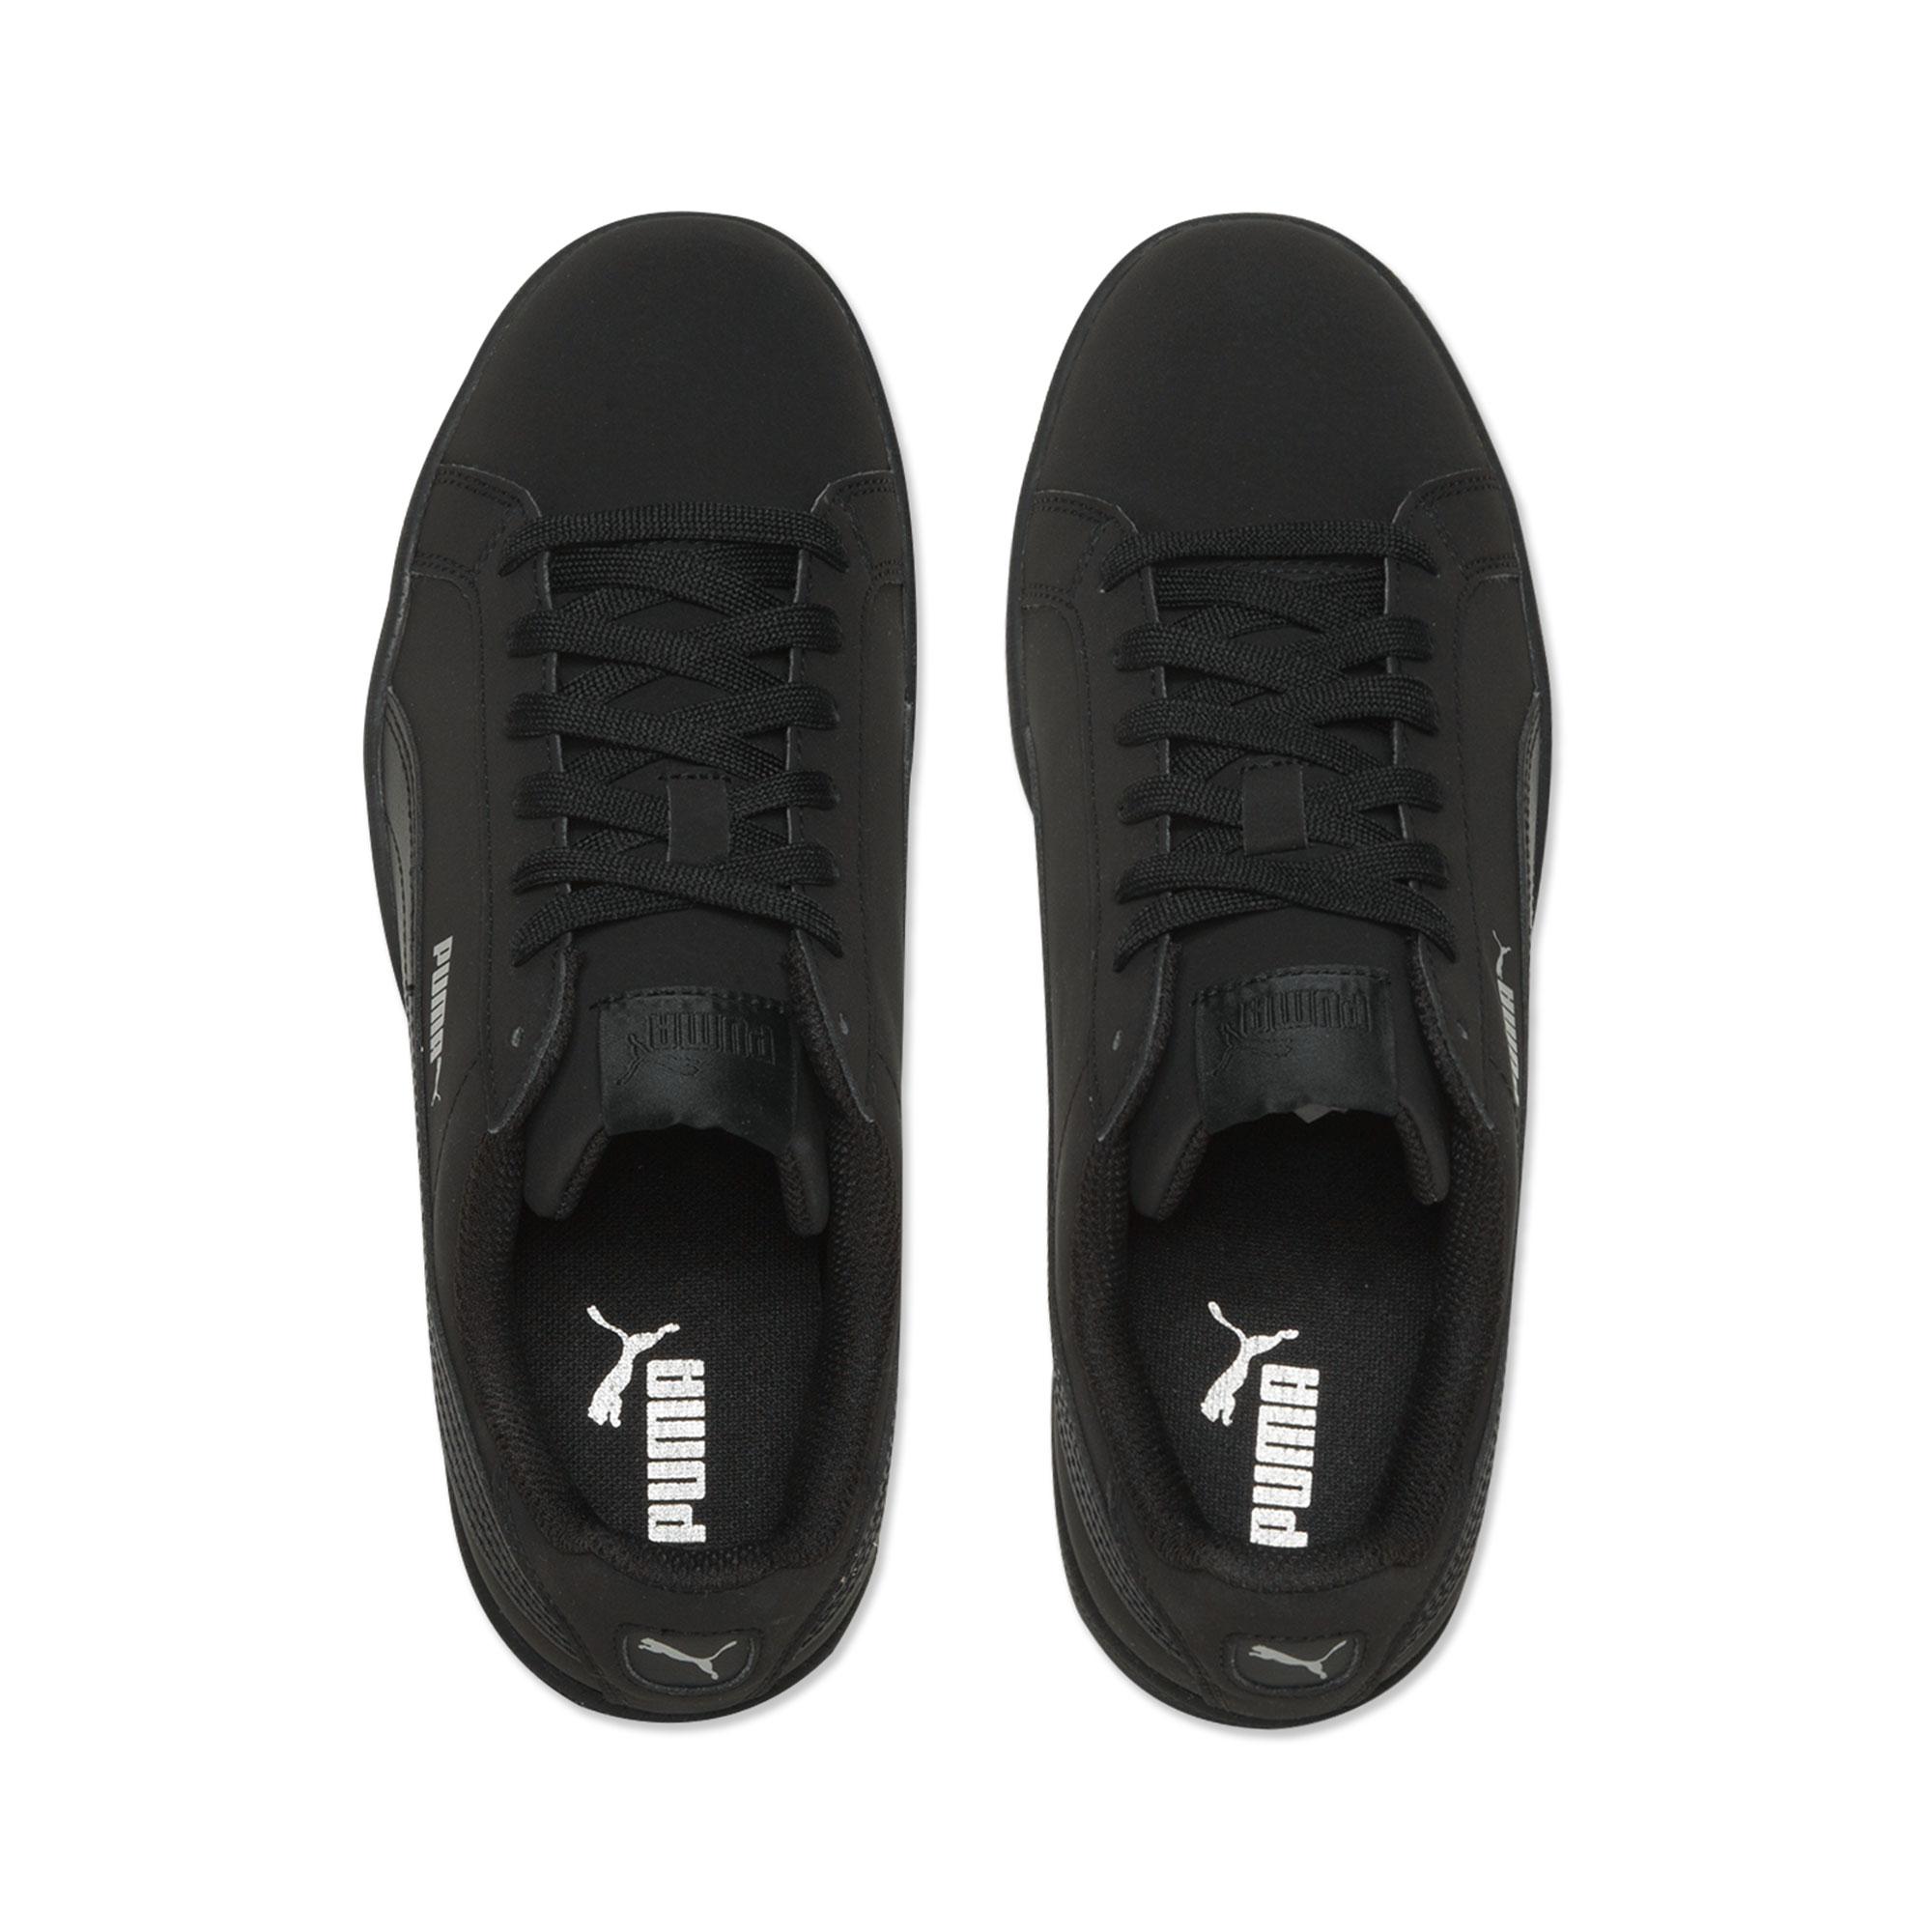 b15bb537a ... PUMA PUMA أحذية رسمية للرجال والنساء الاحذية Smash Buck 356753